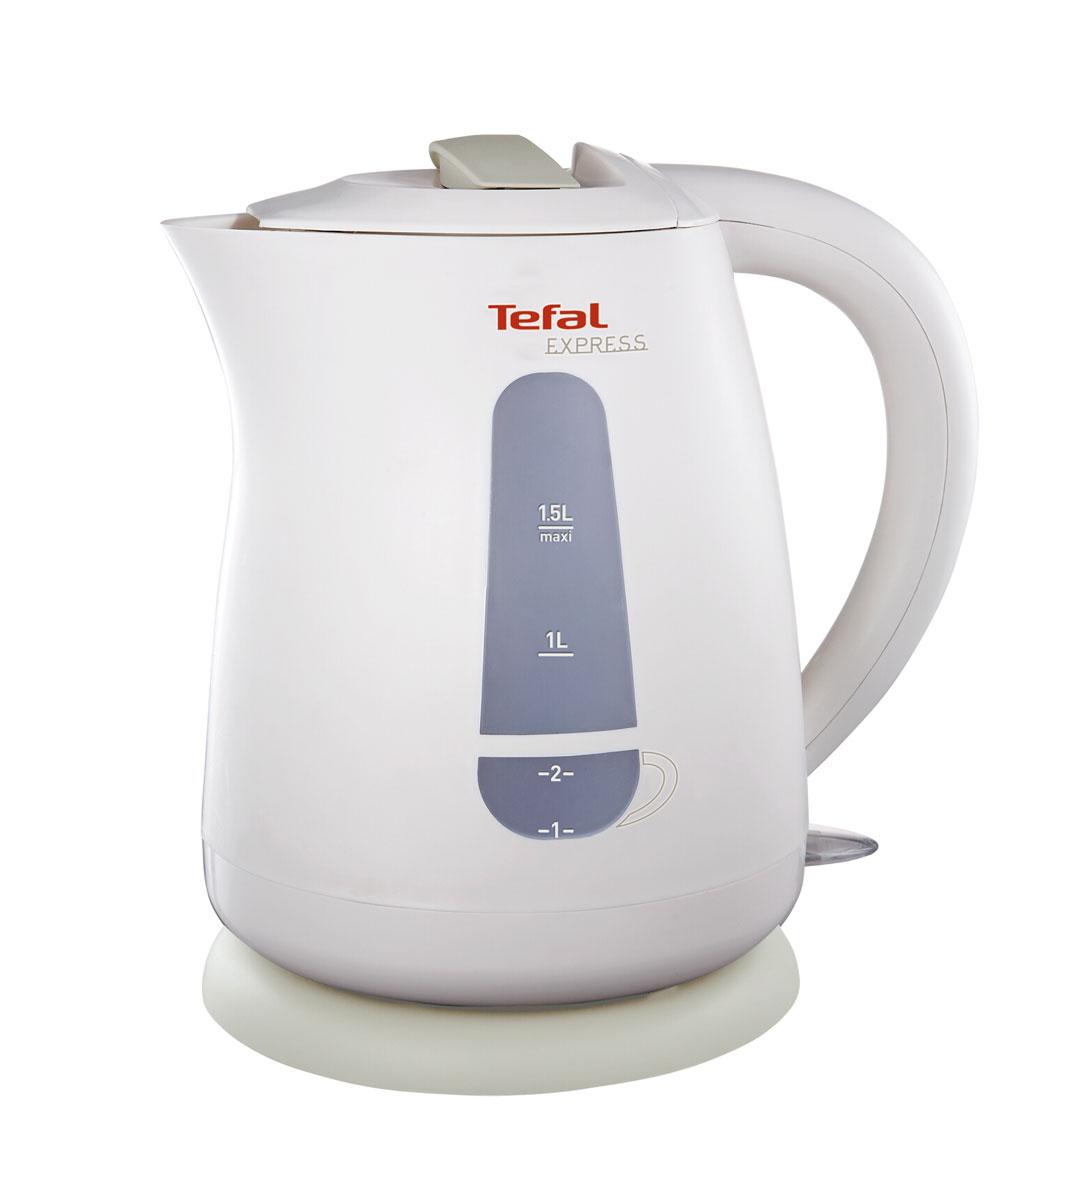 Tefal KO29913E Express Plastic электрический чайникKO2991Корпус электрического чайника Tefal KO29913E Express Plastic выполнен из термостойкого пластика. Горлышко достаточно большого диаметра, а также широко открывающаяся крышка поможет вам легко наливать воду и мыть чайник. Удобная кнопка Вкл / Выкл., расположенная внизу у основания ручки, служит бля быстрого включения устройства, а выключается чайник автоматически при закипании воды. Отличительными чертами Tefal KO29913E Express Plastic являются возможность блокировки крышки для дополнительной безопасности при использовании устройства, а также два индикатора уровня воды - для одной или двух чашек. Подставка позволяет чайнику свободно вращаться на 360°.